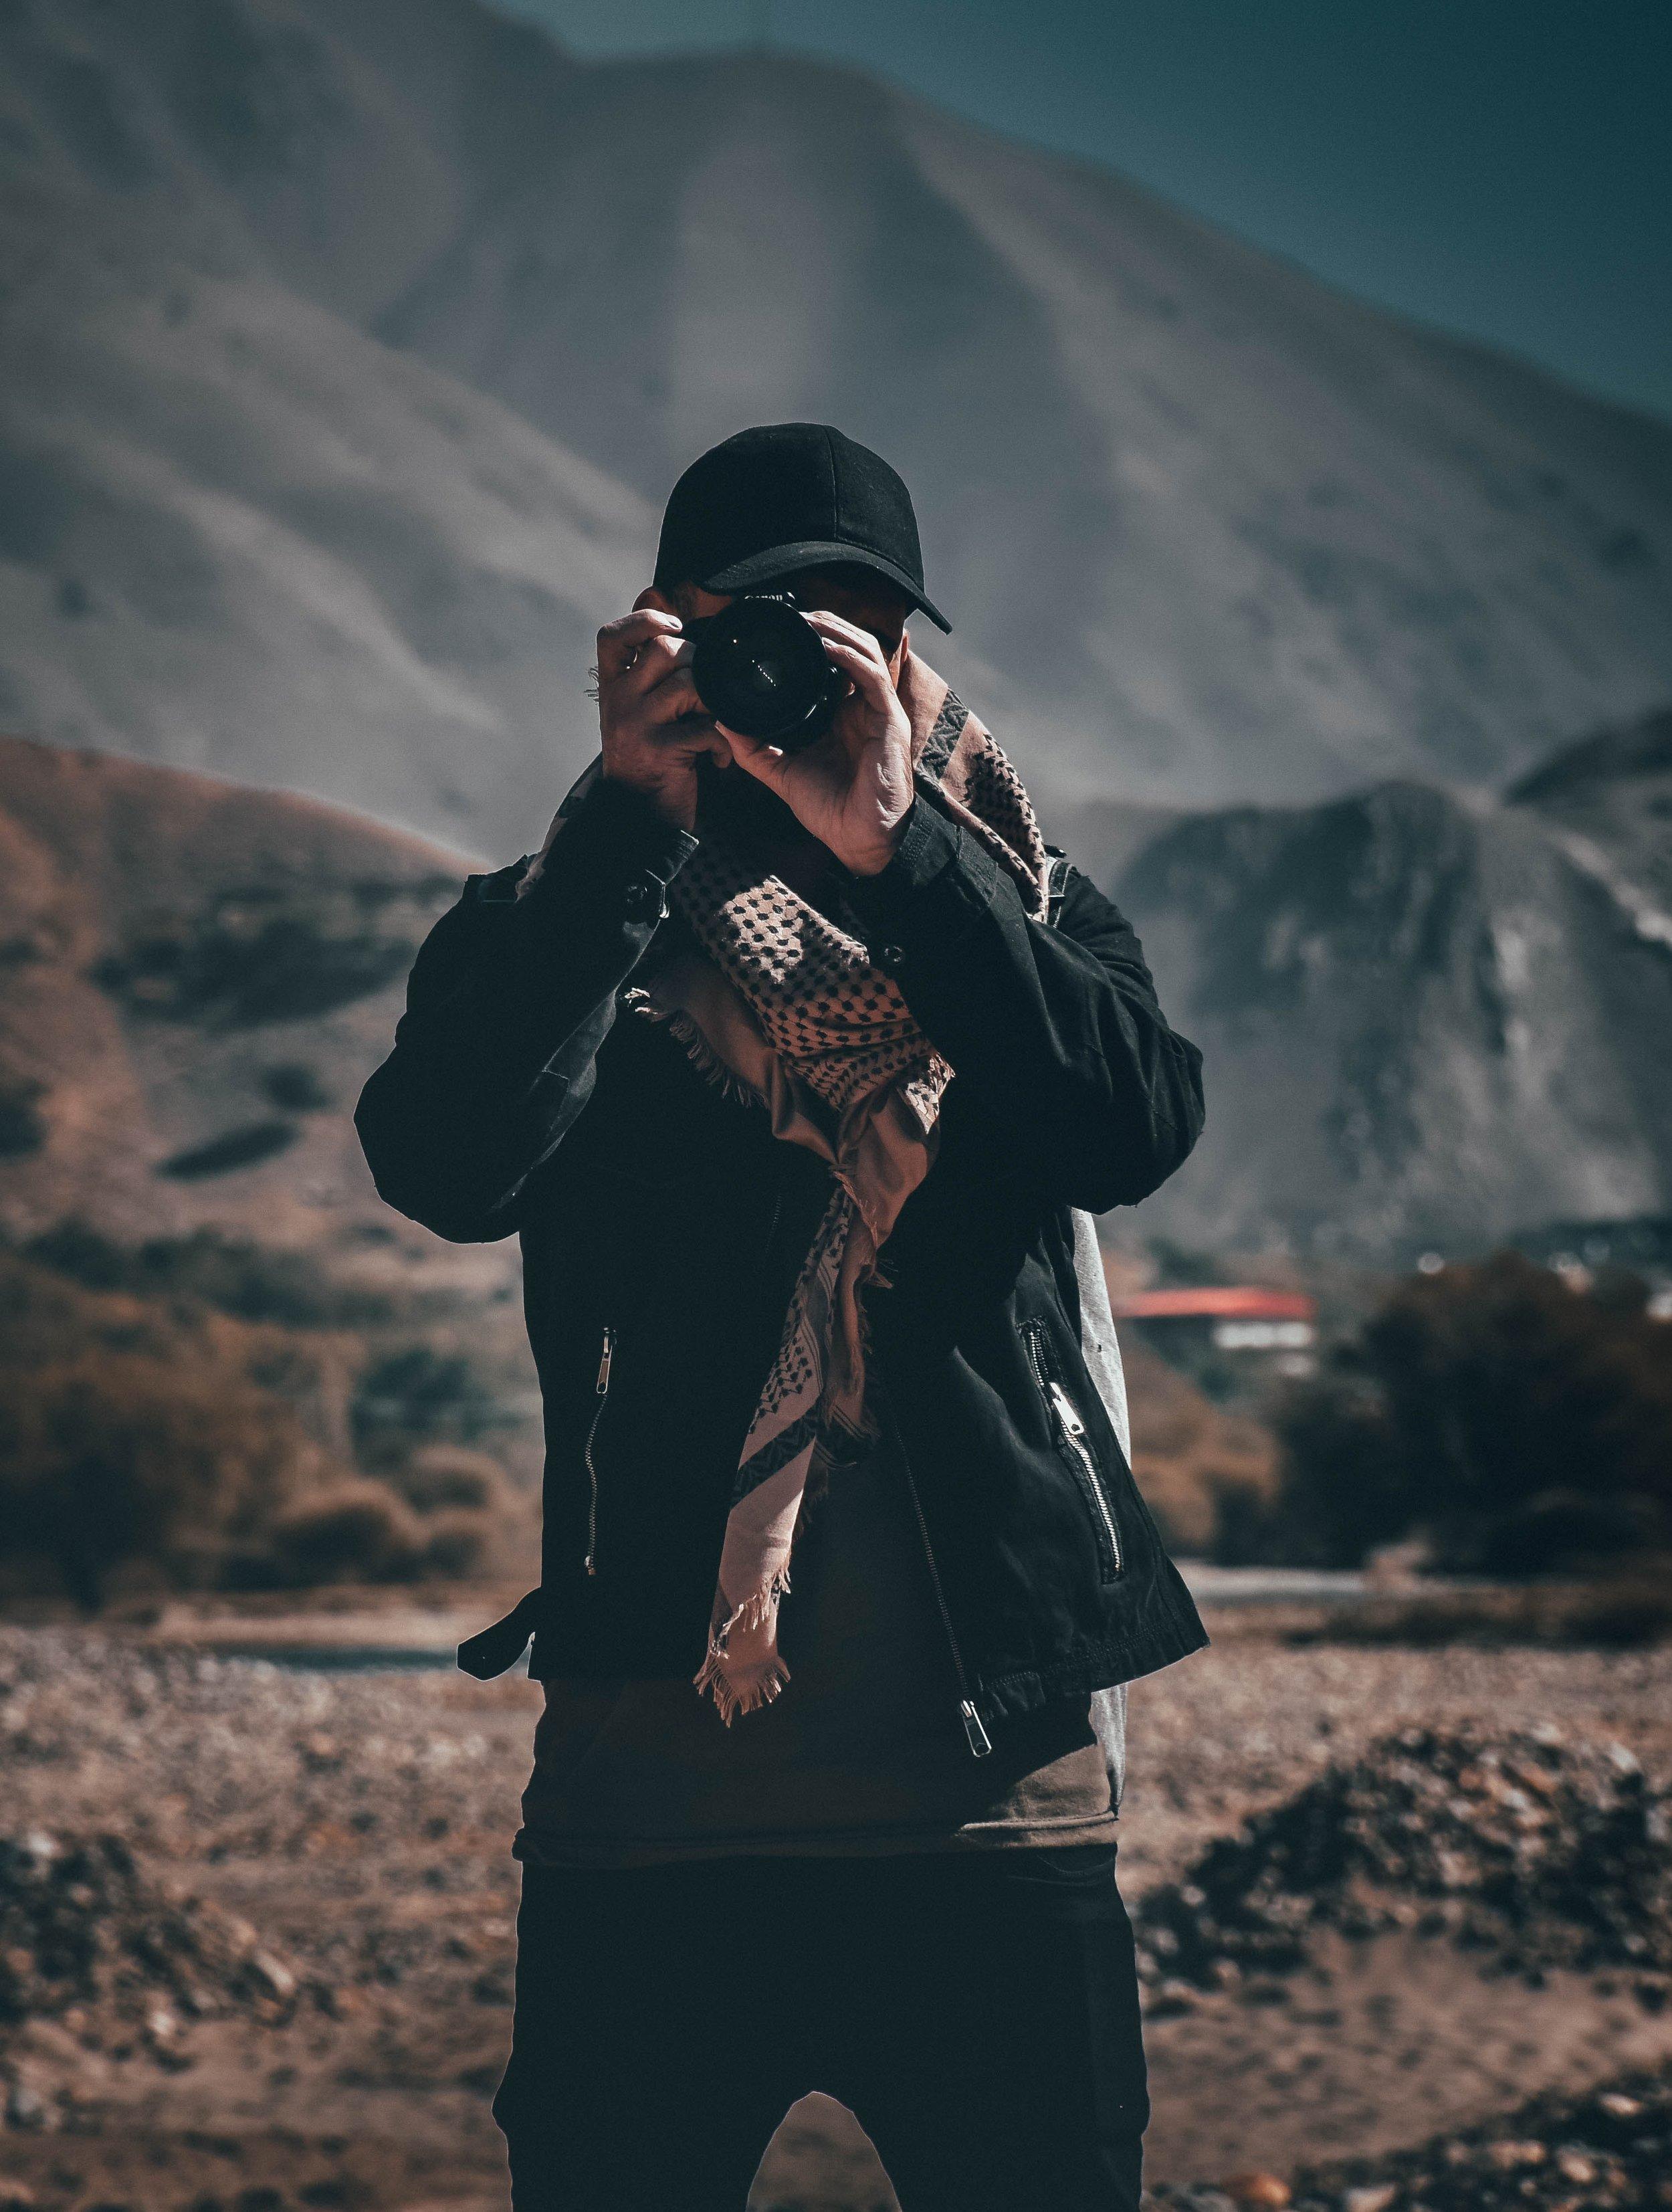 blurred-background-camera-cap-1704488.jpg